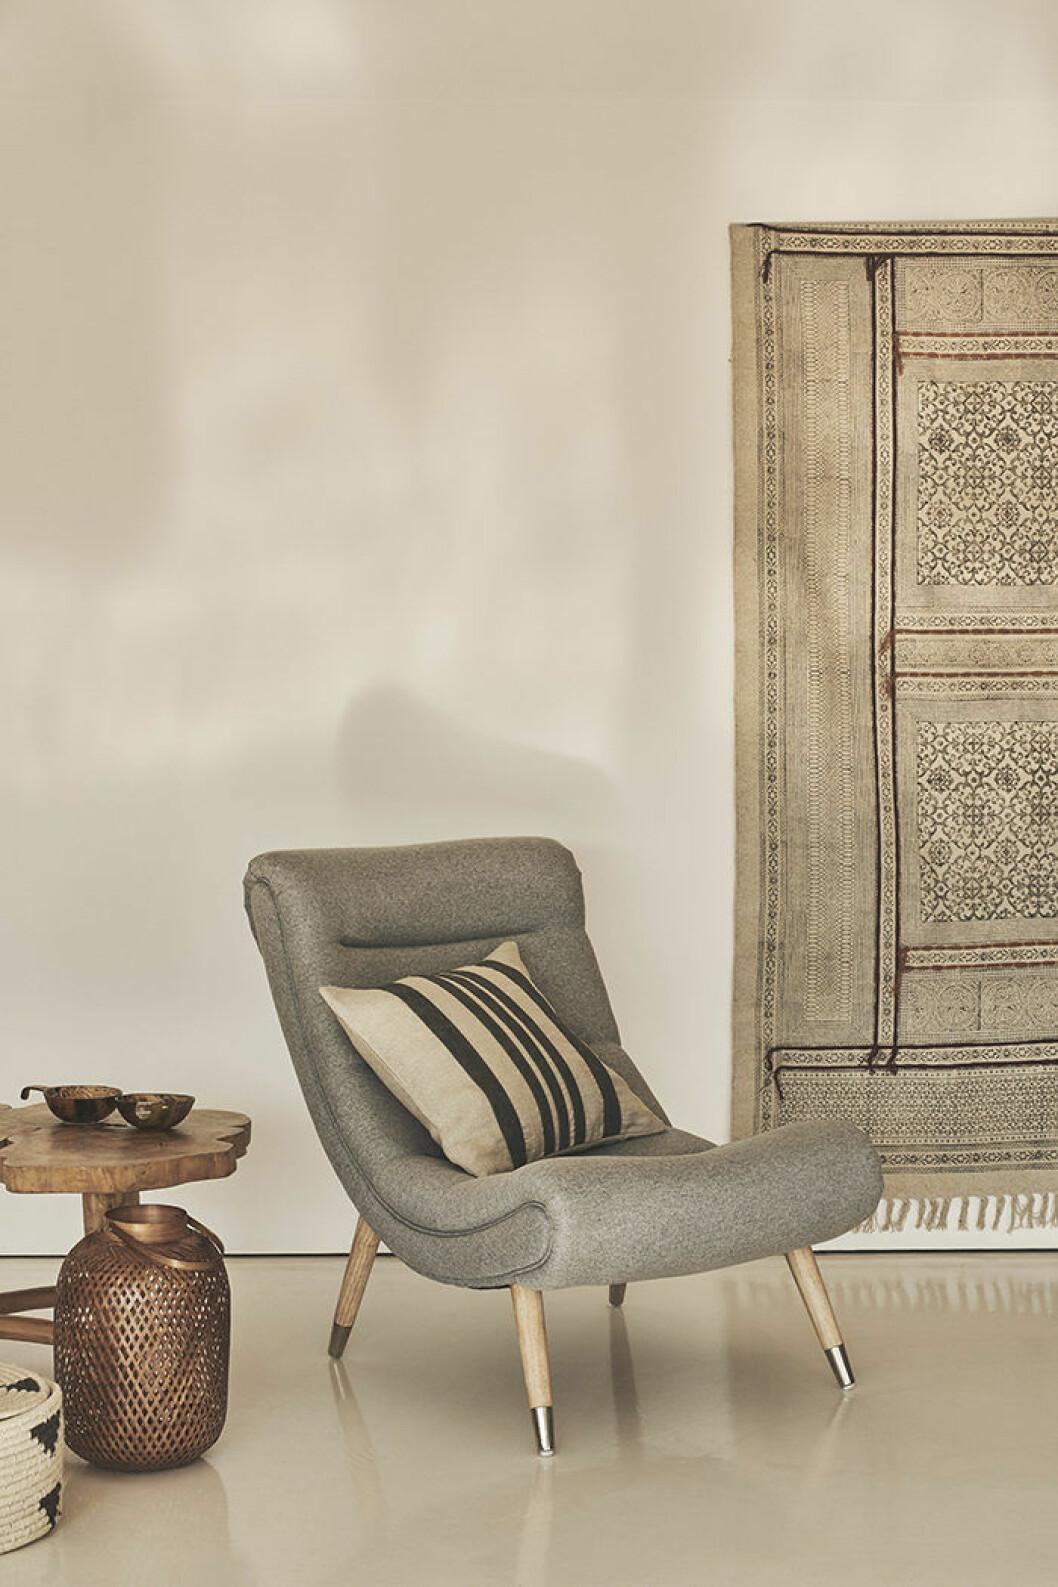 Zara Homes kollektion går i naturnära färger i höst